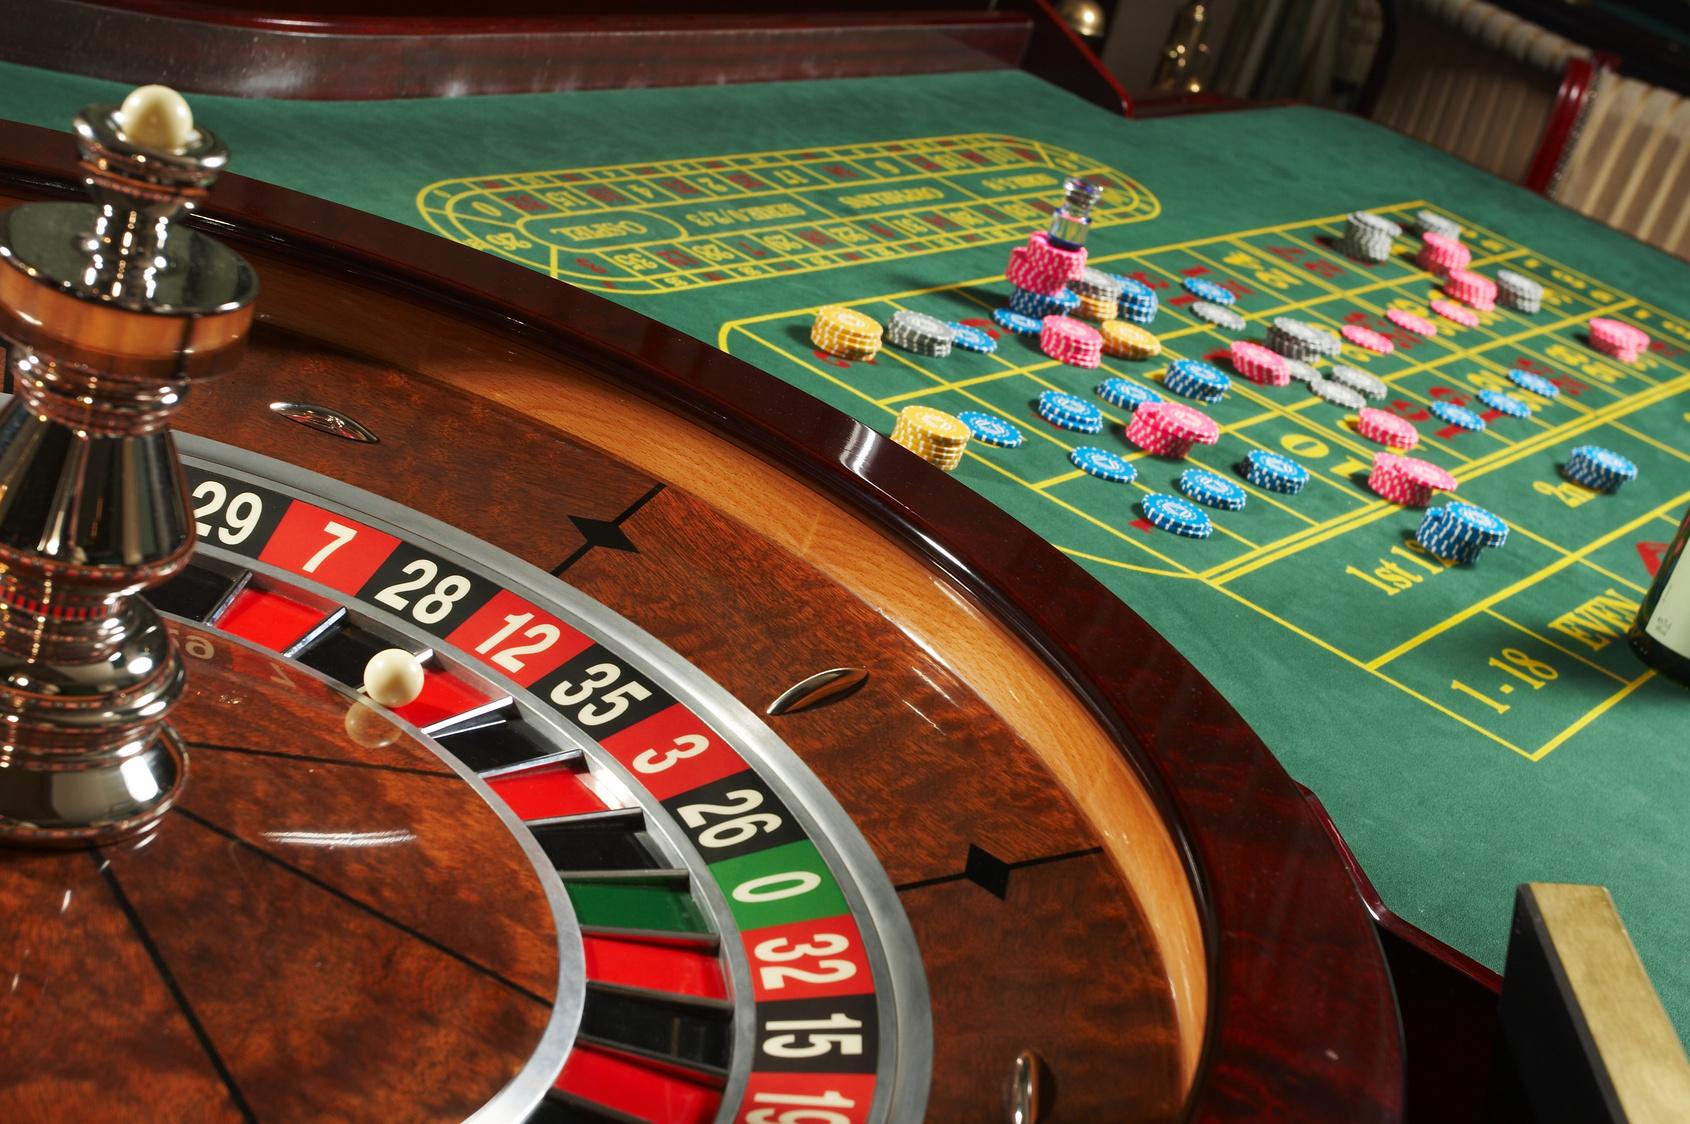 бинарыные опционы и игрушки в рулетку